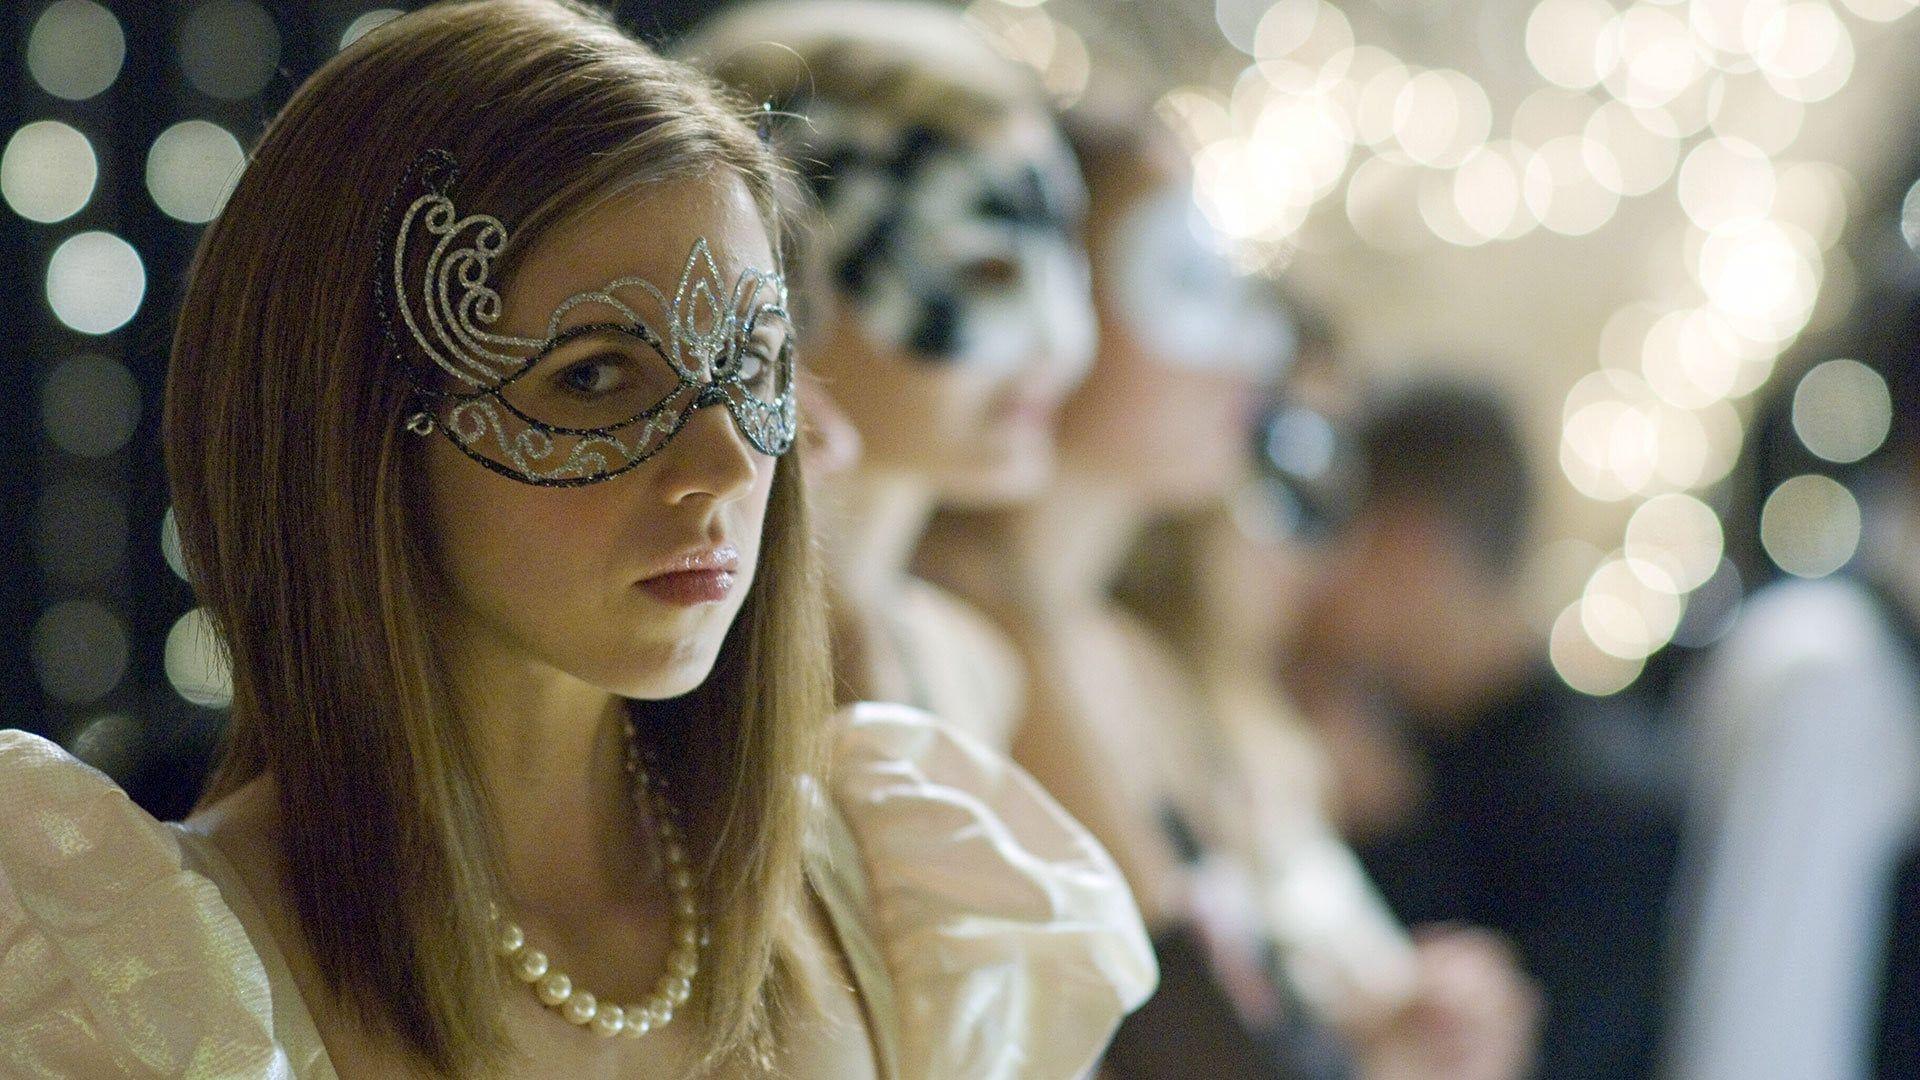 Det Er Musical Det Er Magisk Det Er Another Cinderella Story Et Fantastisk Danseeventyr I Denne Underholdende Moderne Corpo Di Ballo Santiago Ballerina